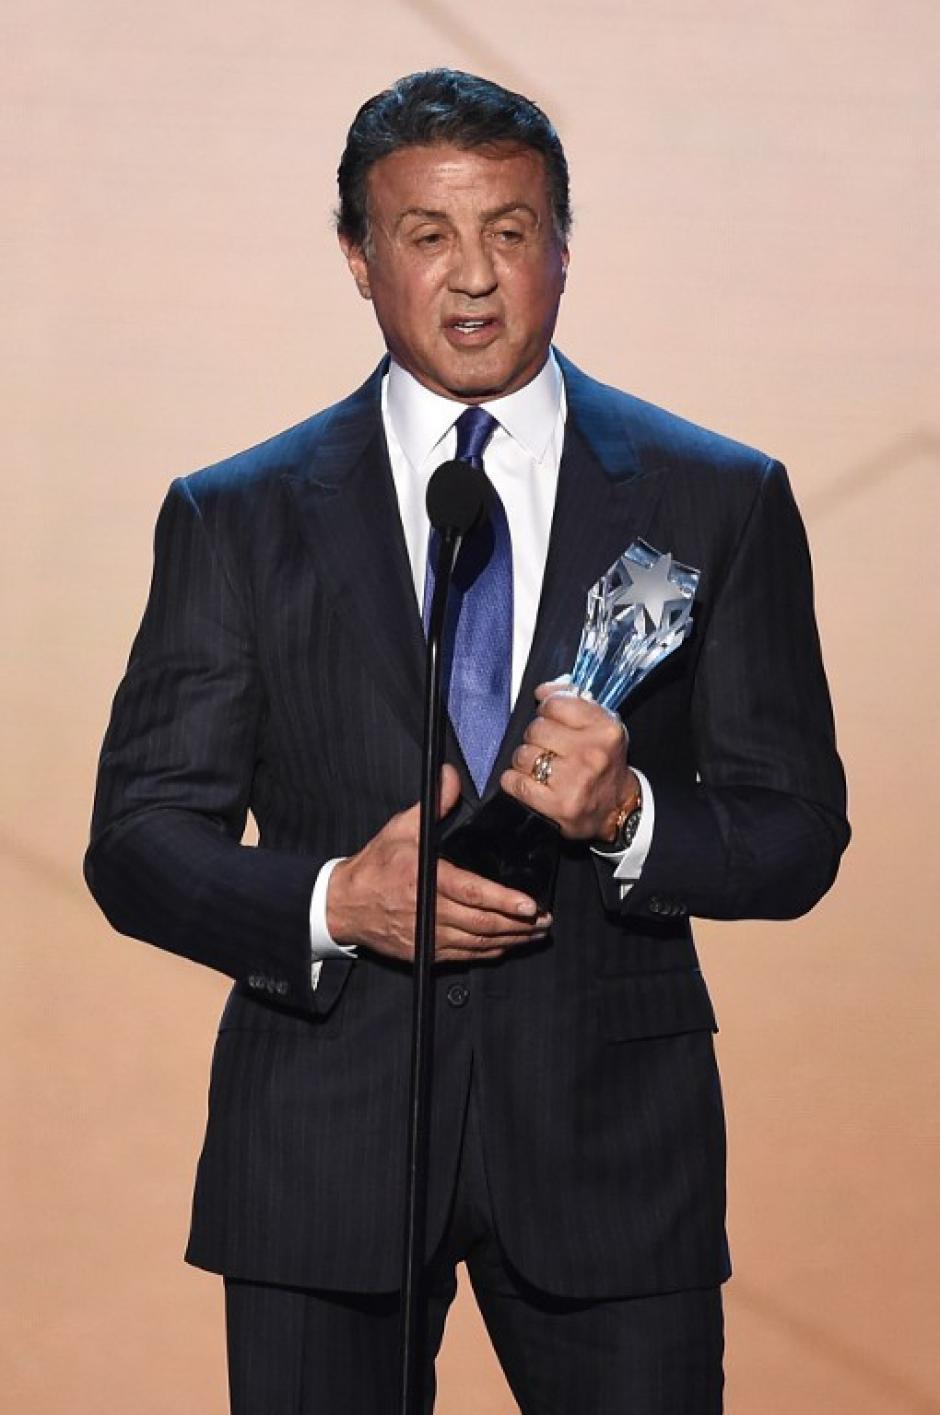 El actor Silvester Stallone fue uno de los galardonados durante la ceremonia. (Foto: AFP)